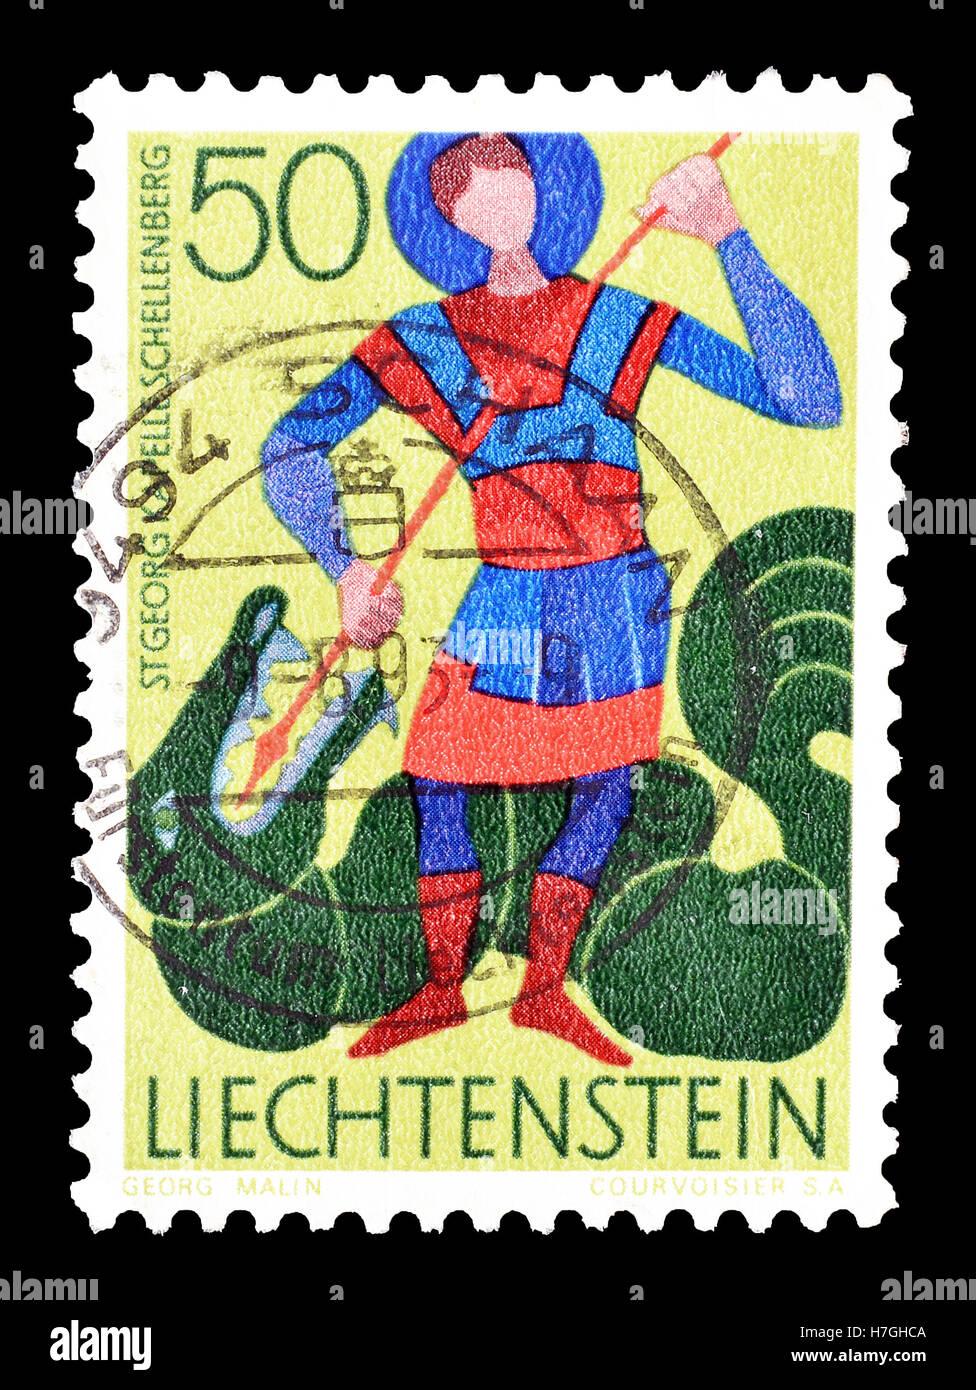 Liechtenstein stamp 1968 Stock Photo